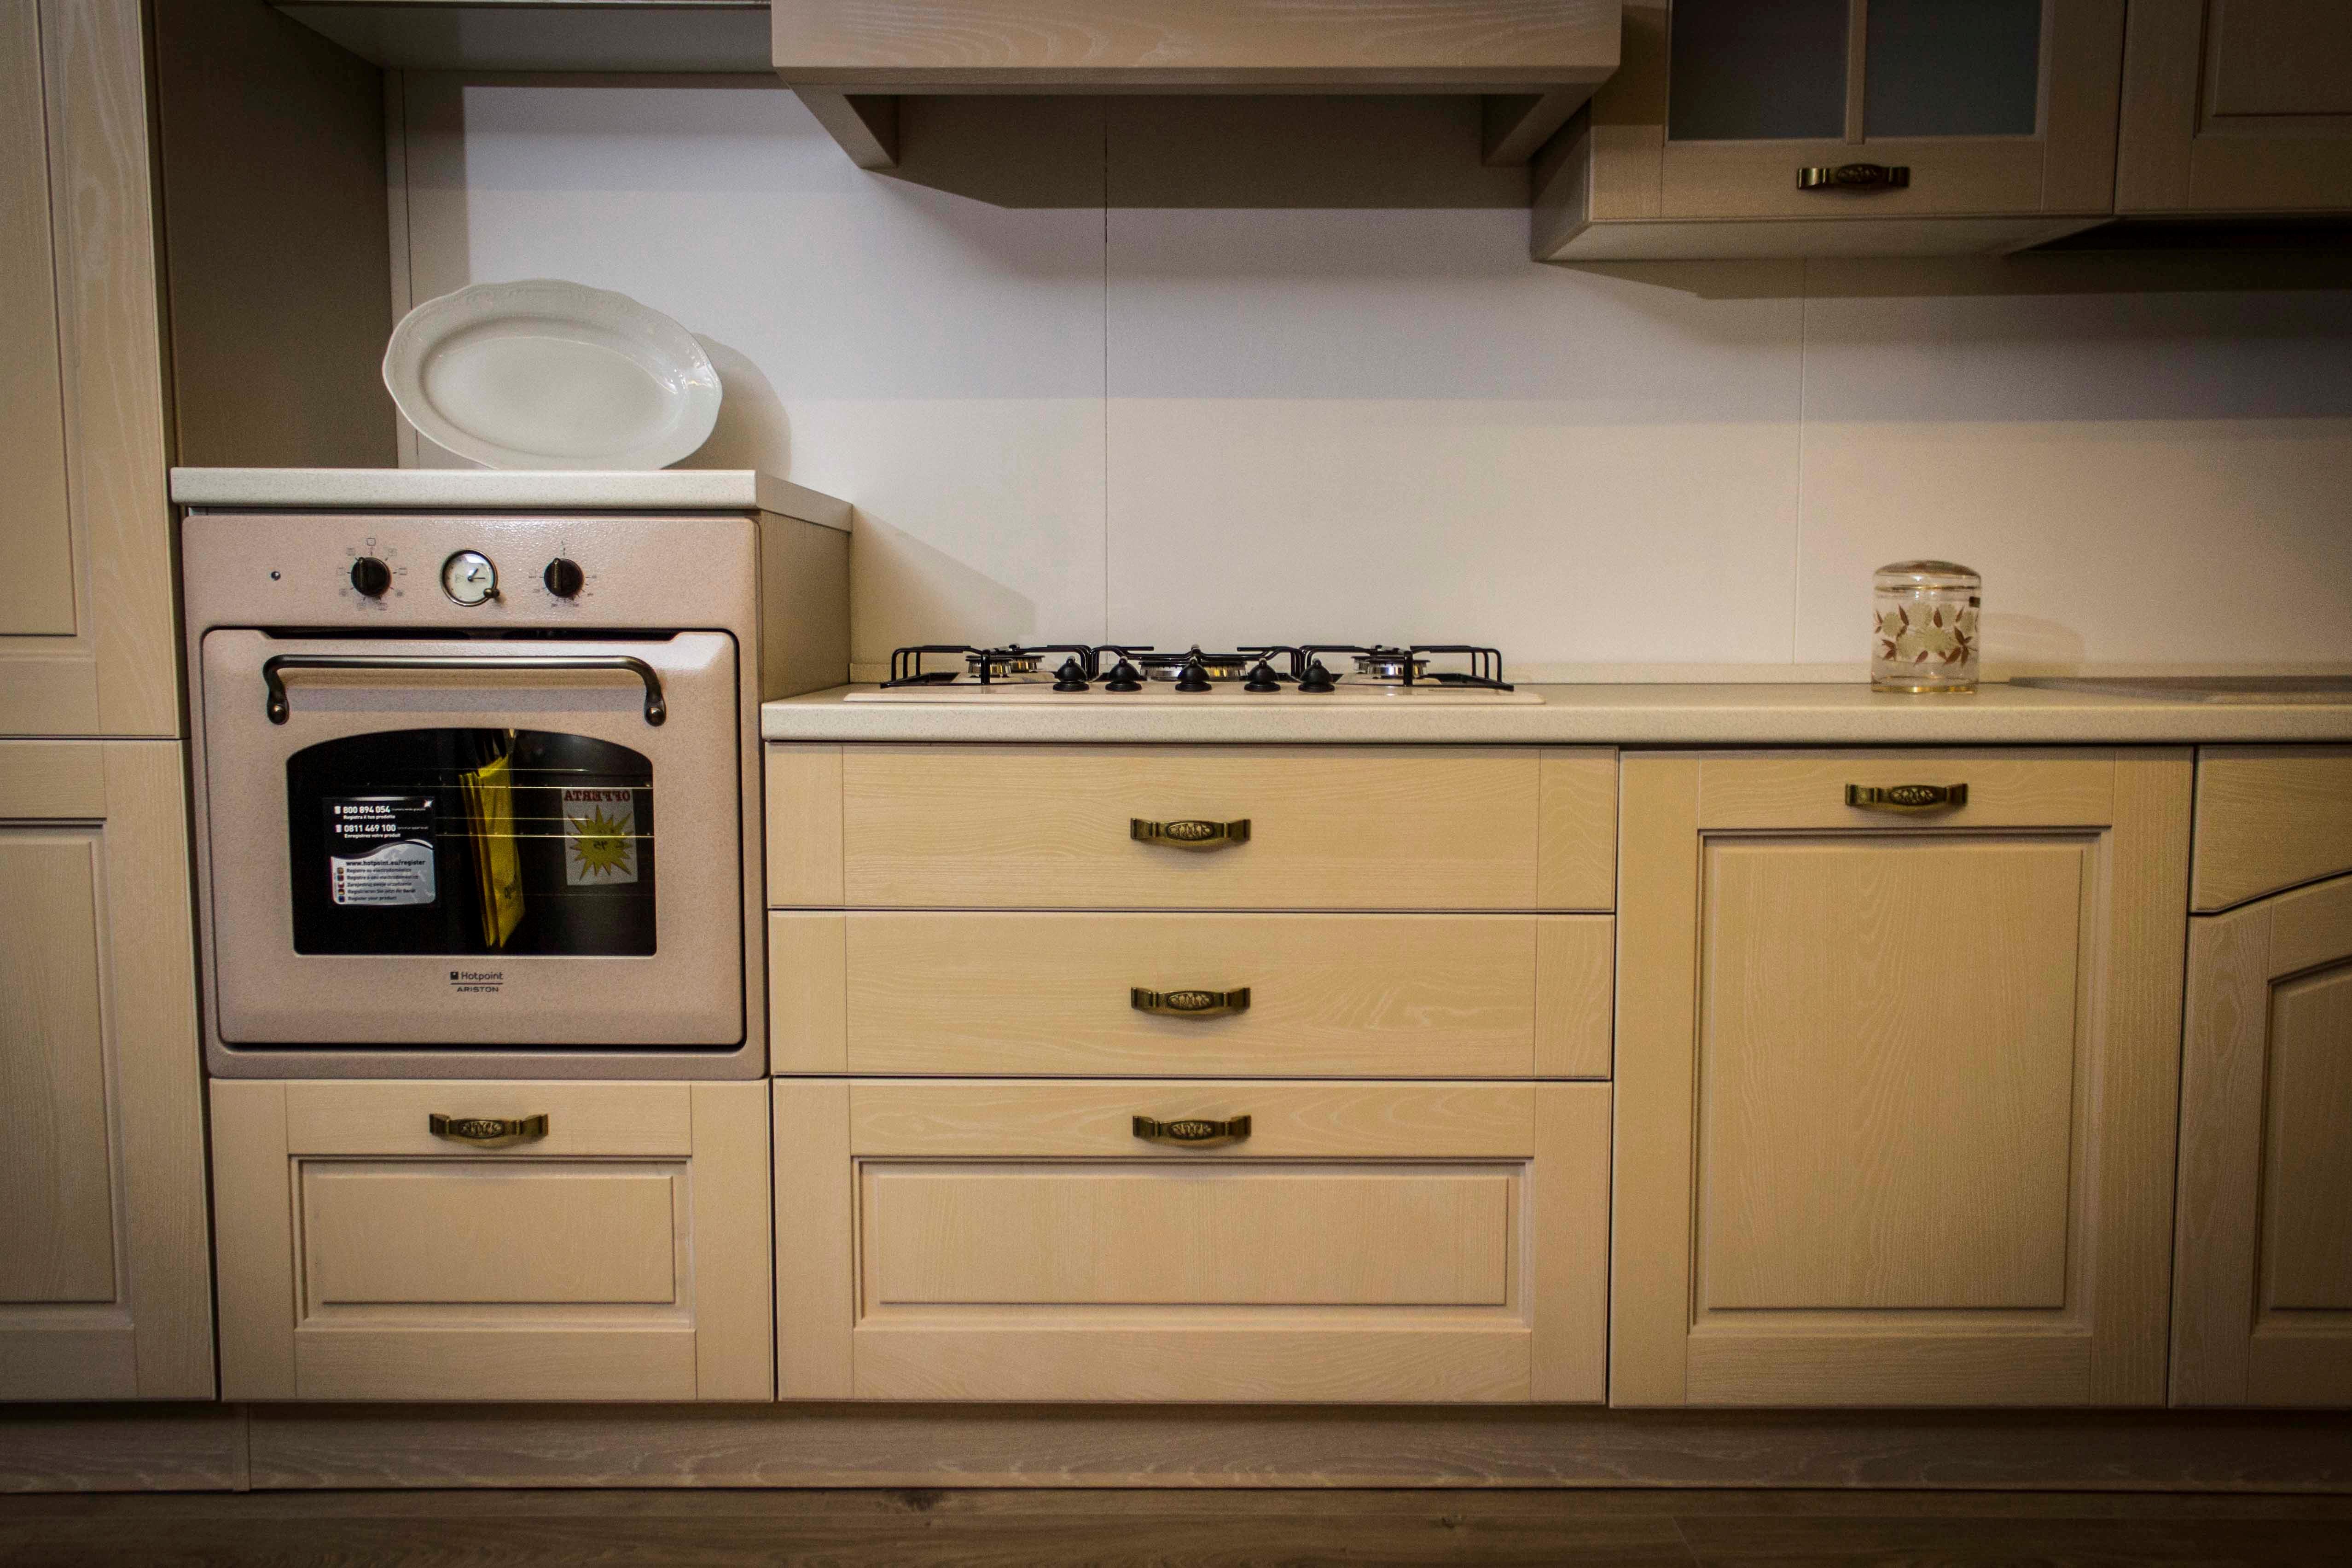 Cucina mobilturi aisha scontata del 58 cucine a prezzi scontati - Mobilturi cucine prezzi ...